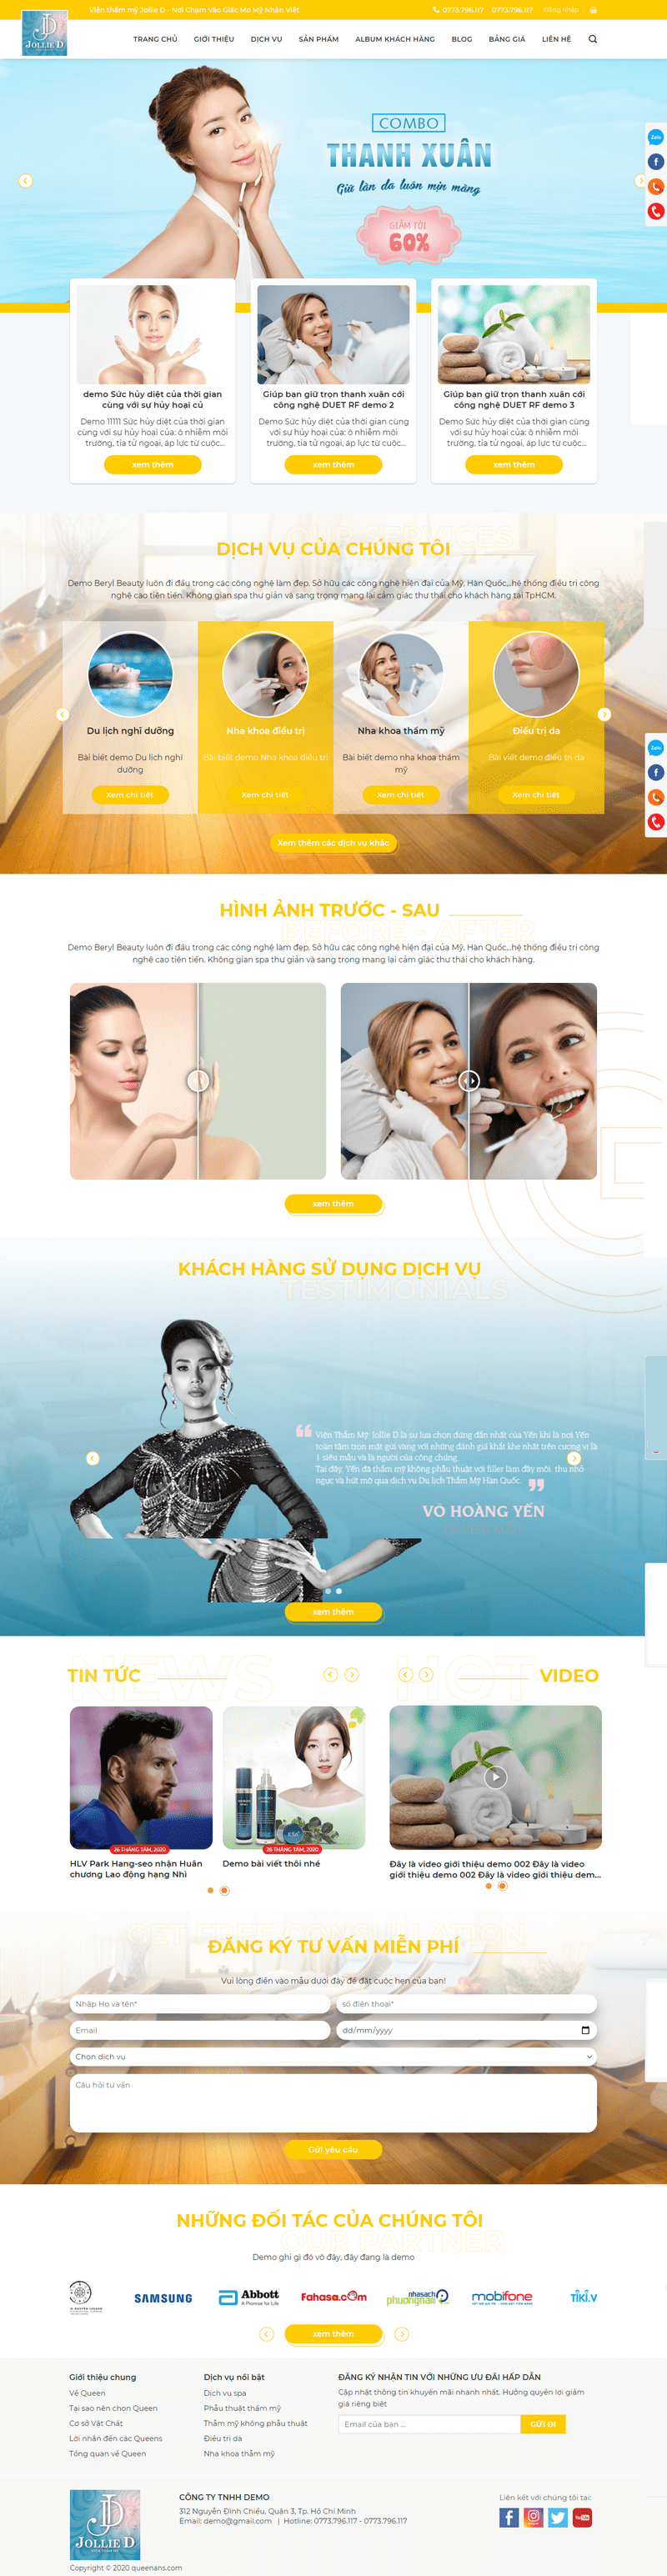 Mẫu website dịch vụ spa tổng hợp có bán hàng